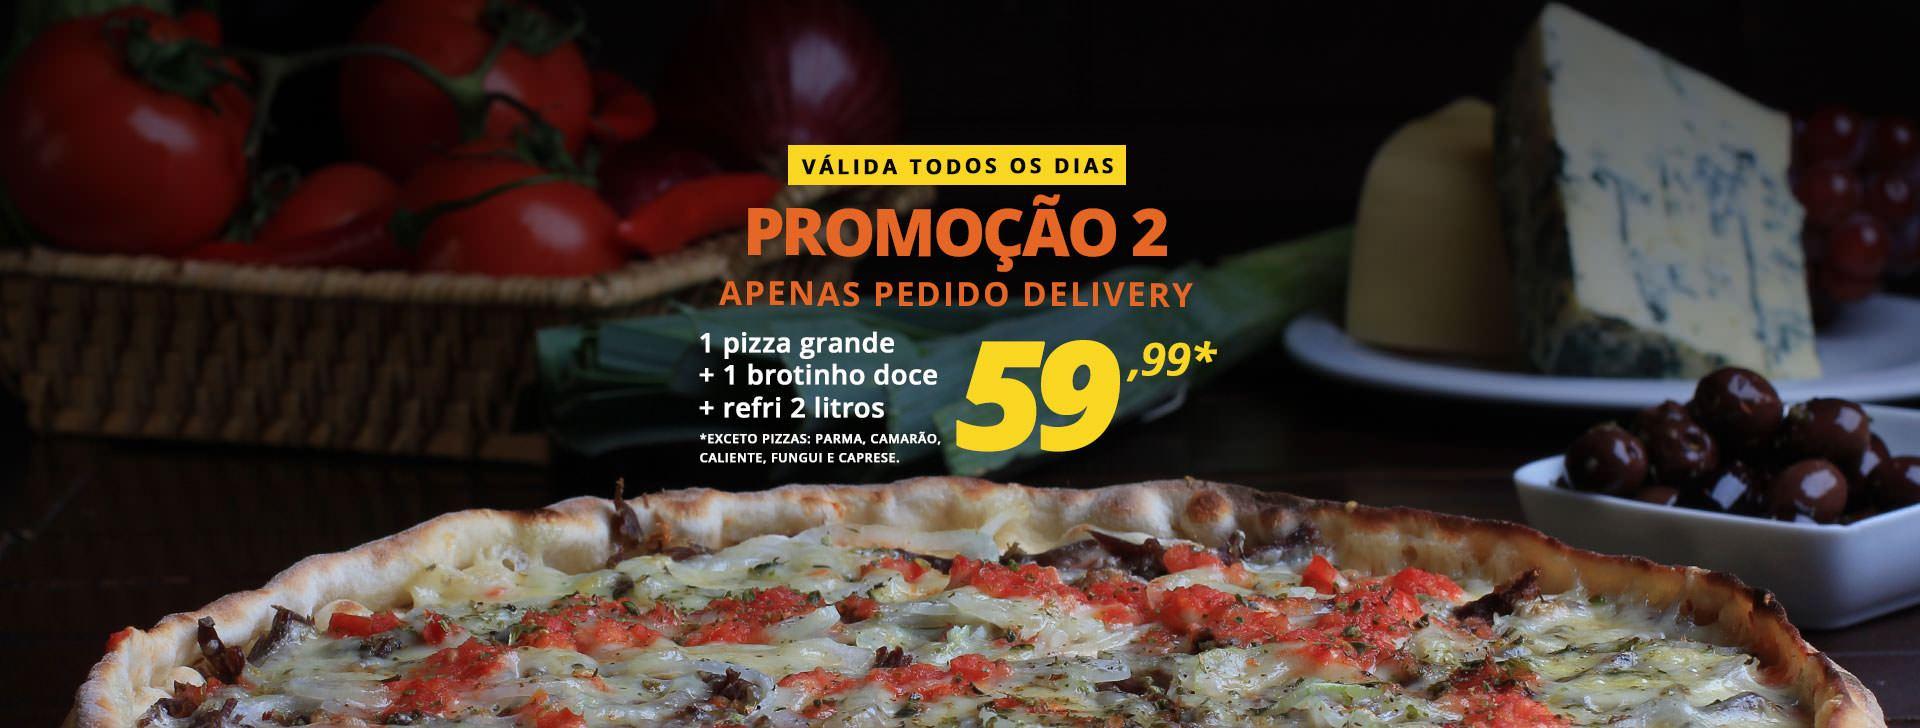 Promoção 2